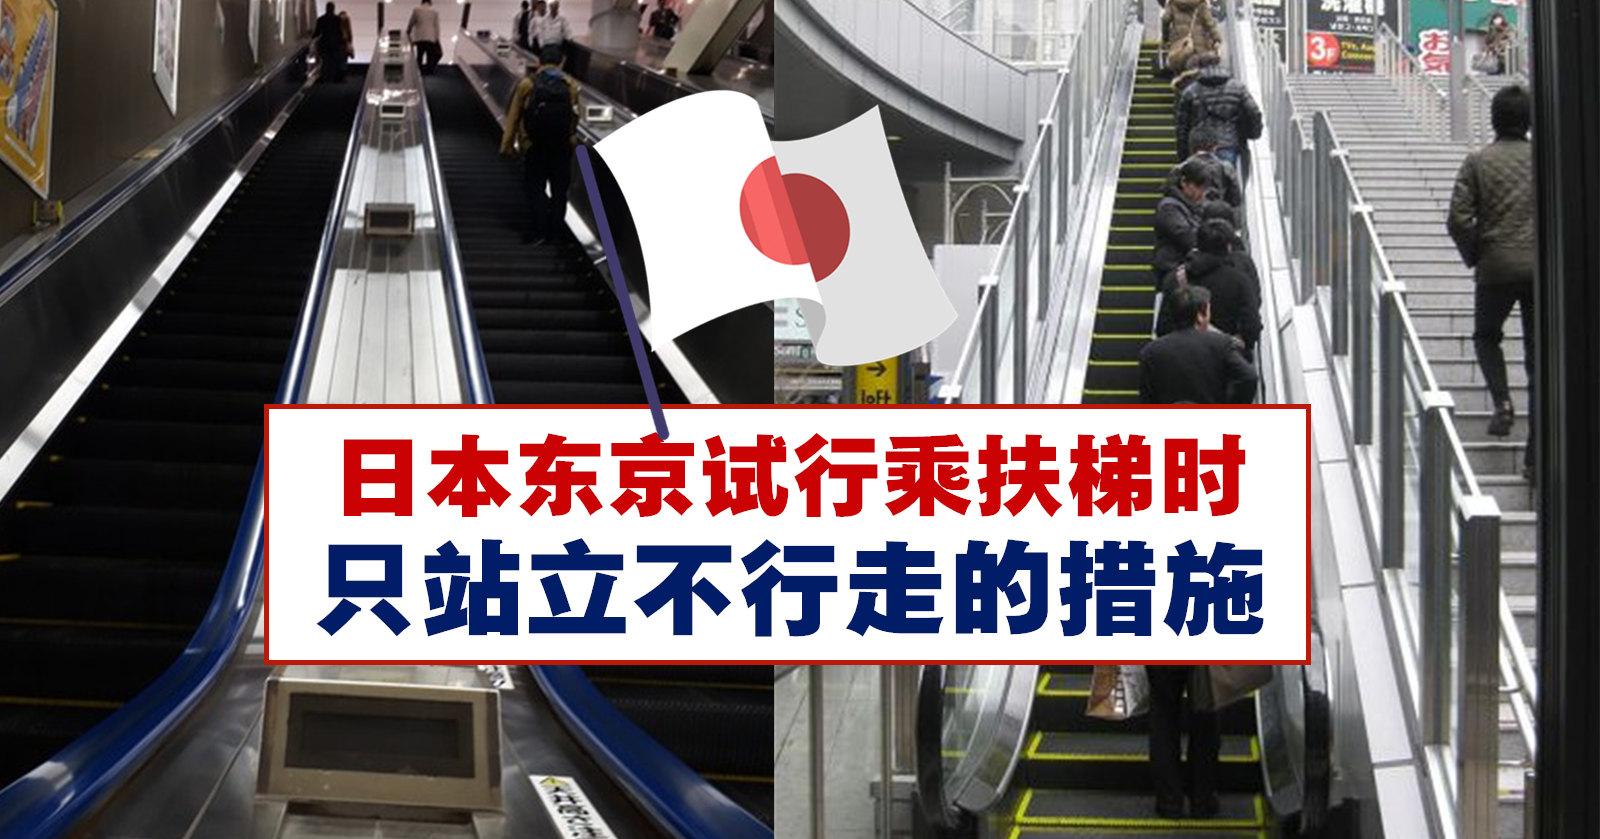 日本东京试行乘扶梯时只站立不行走的措施